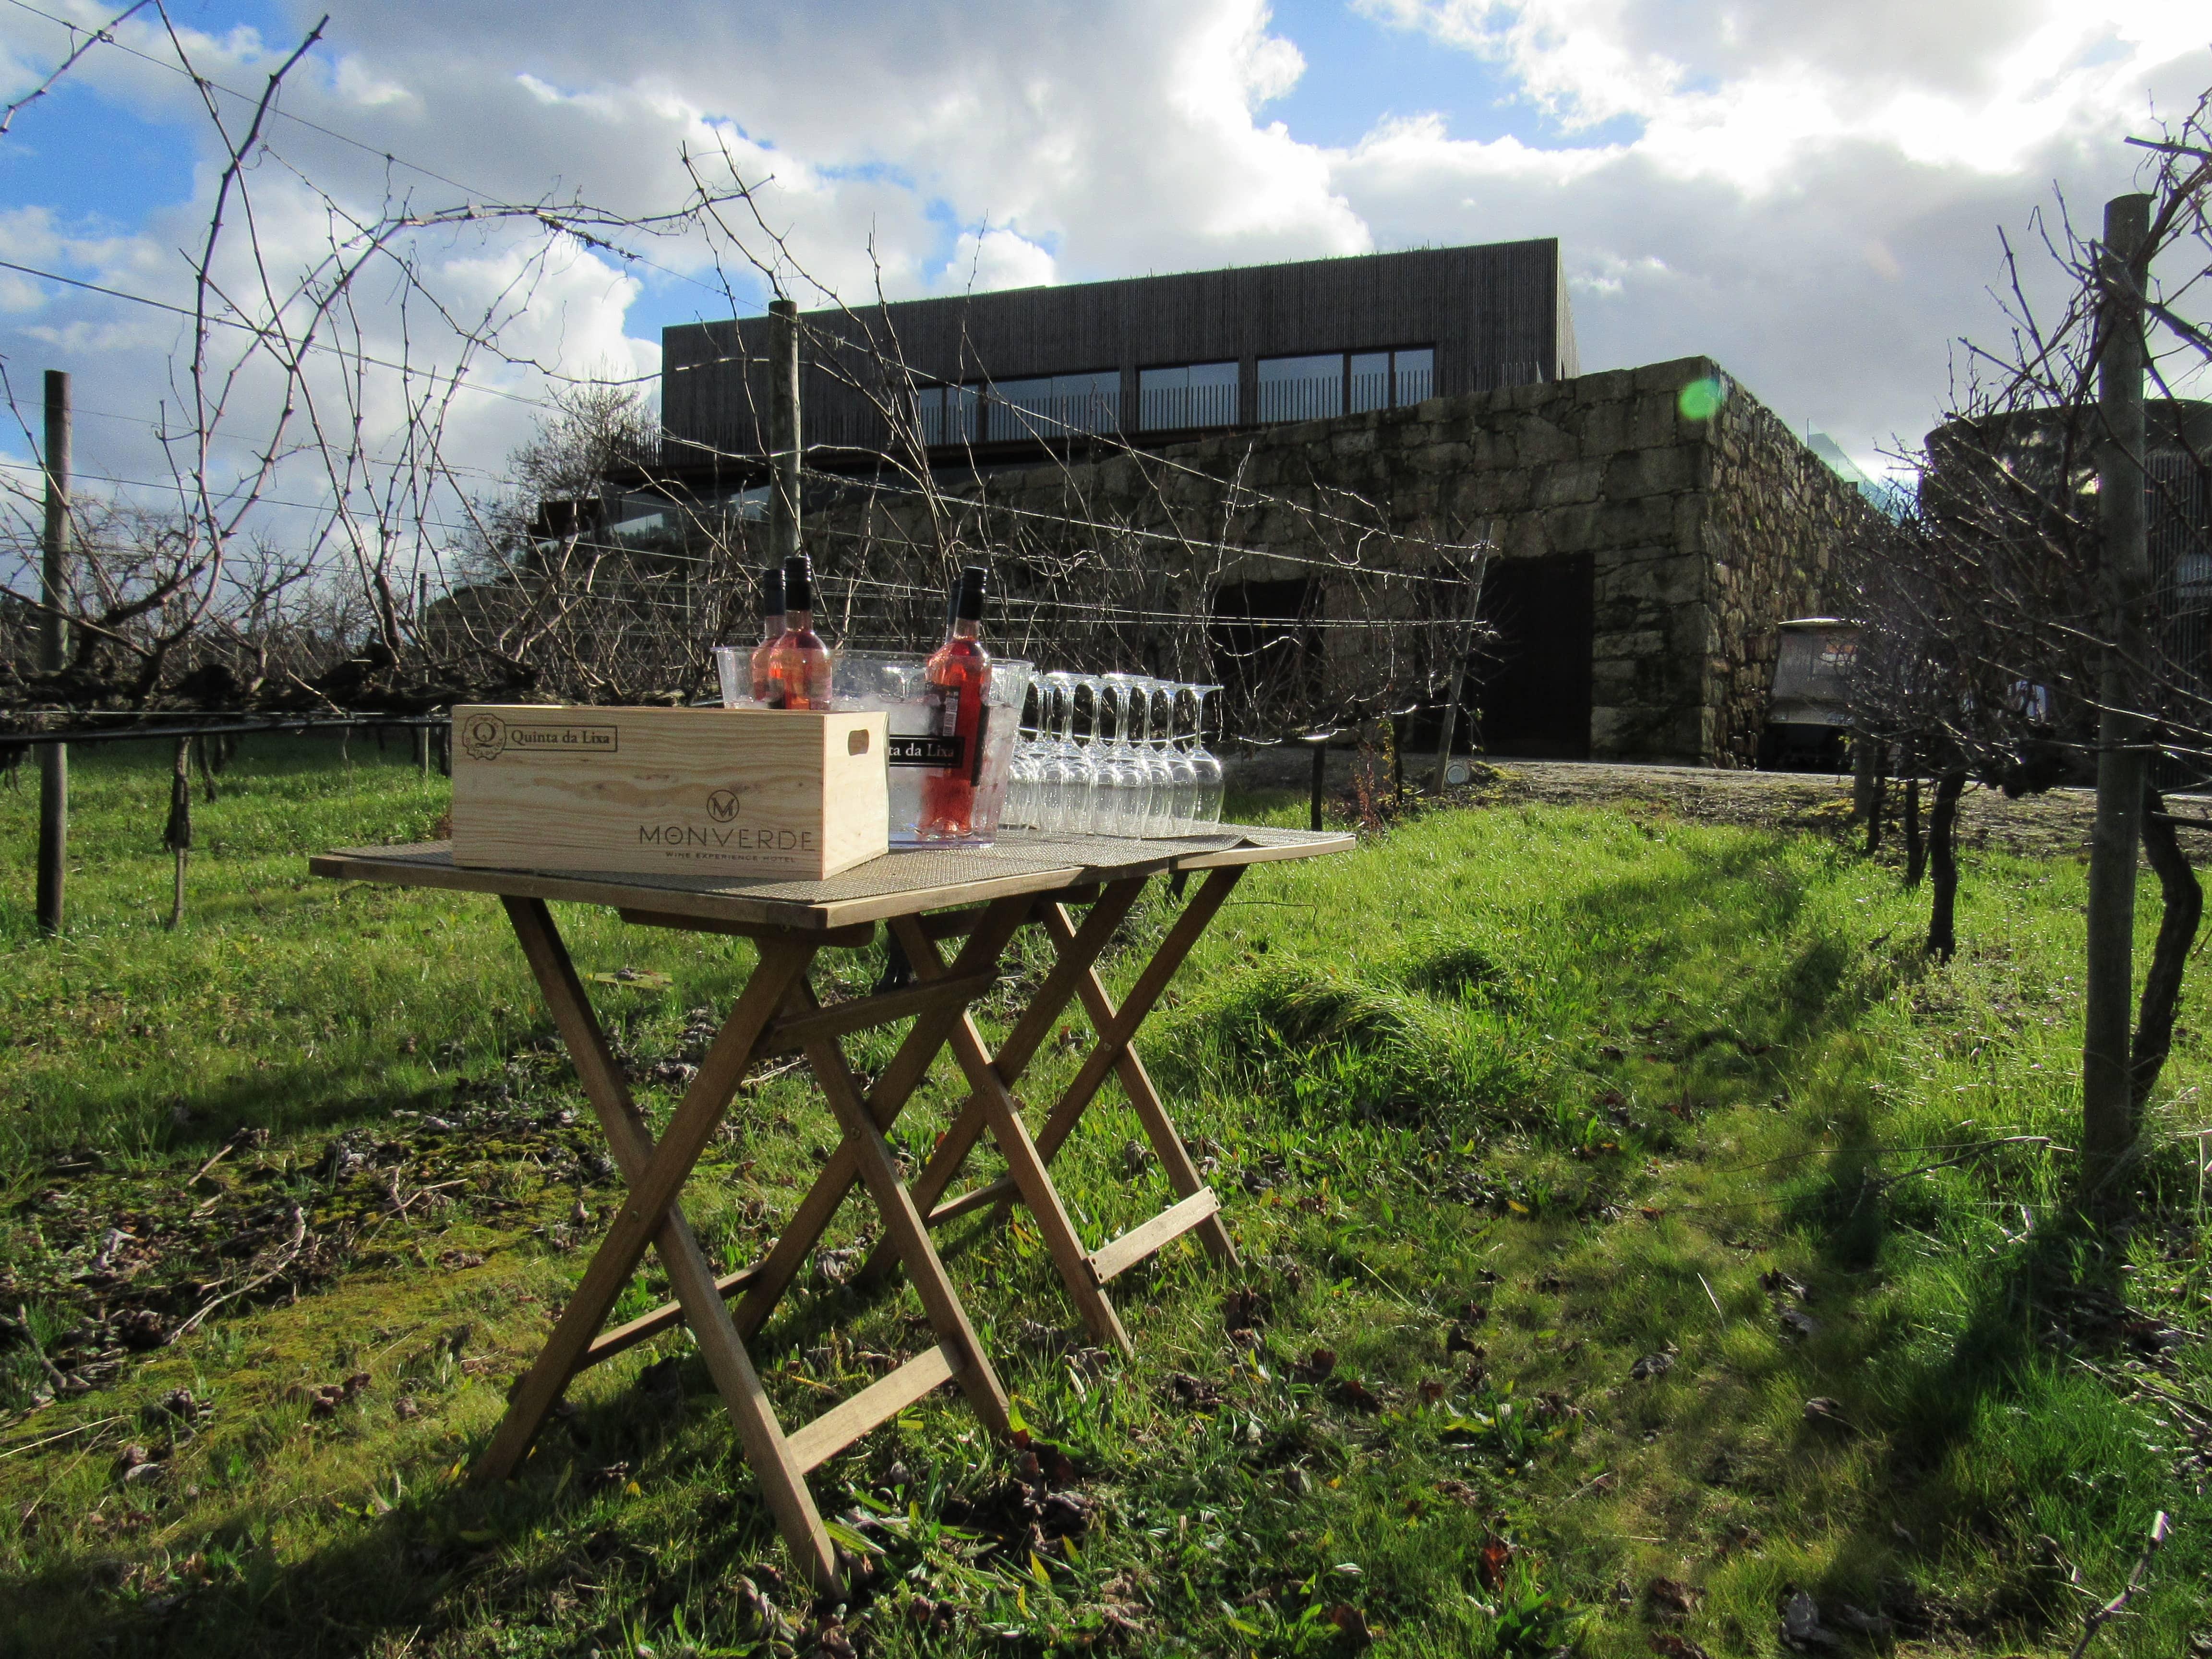 Monverde – Afternoon Between Vineyards